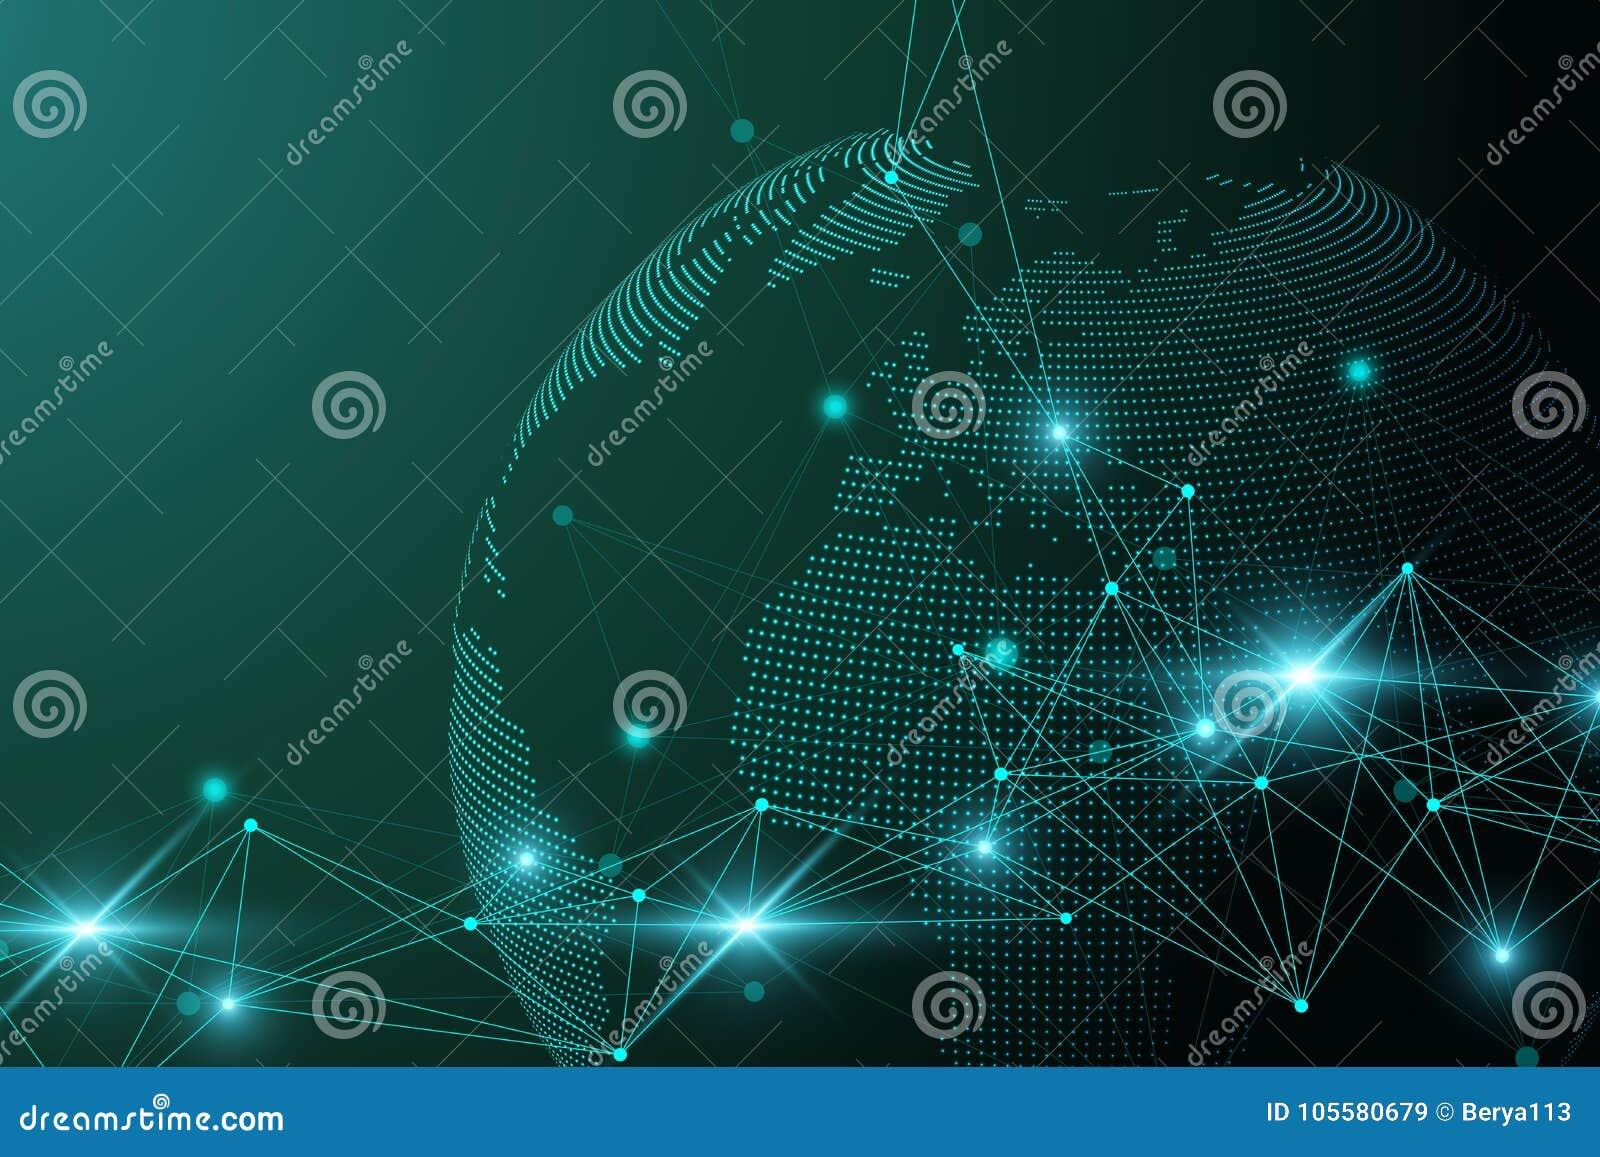 Сеть и обмен данными над землей планеты в космосе Виртуальная графическая связь предпосылки с глобусом мира